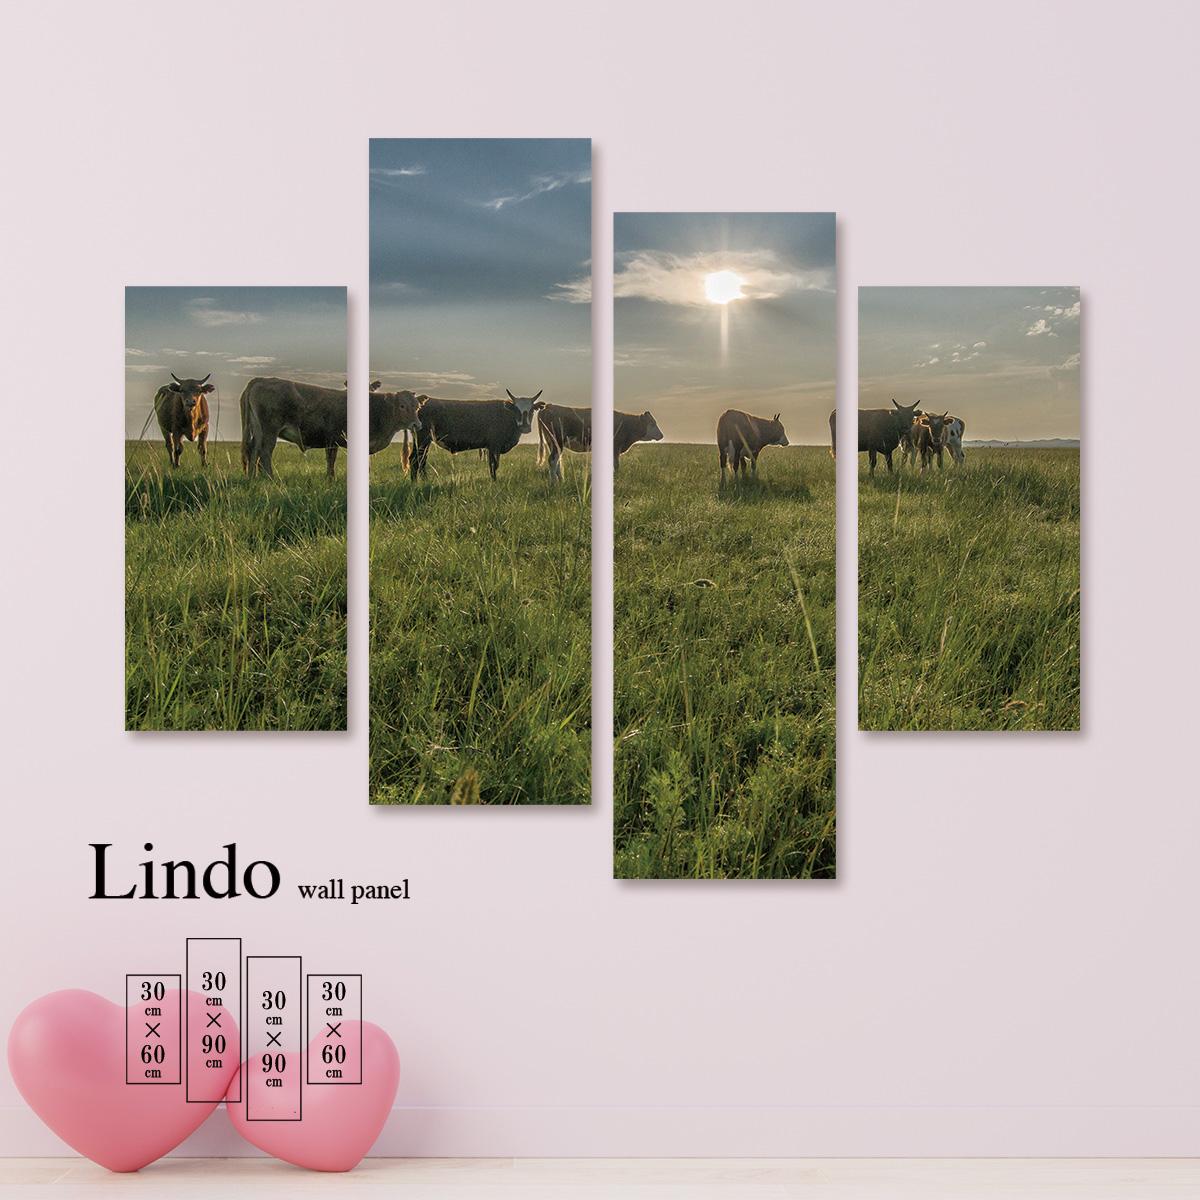 ファブリックパネル 牛 牧場 自然 草 動物 風景 草原 太陽 空 壁掛け 北欧 お洒落 デザイン アート 壁飾り アートボード 4枚パネル